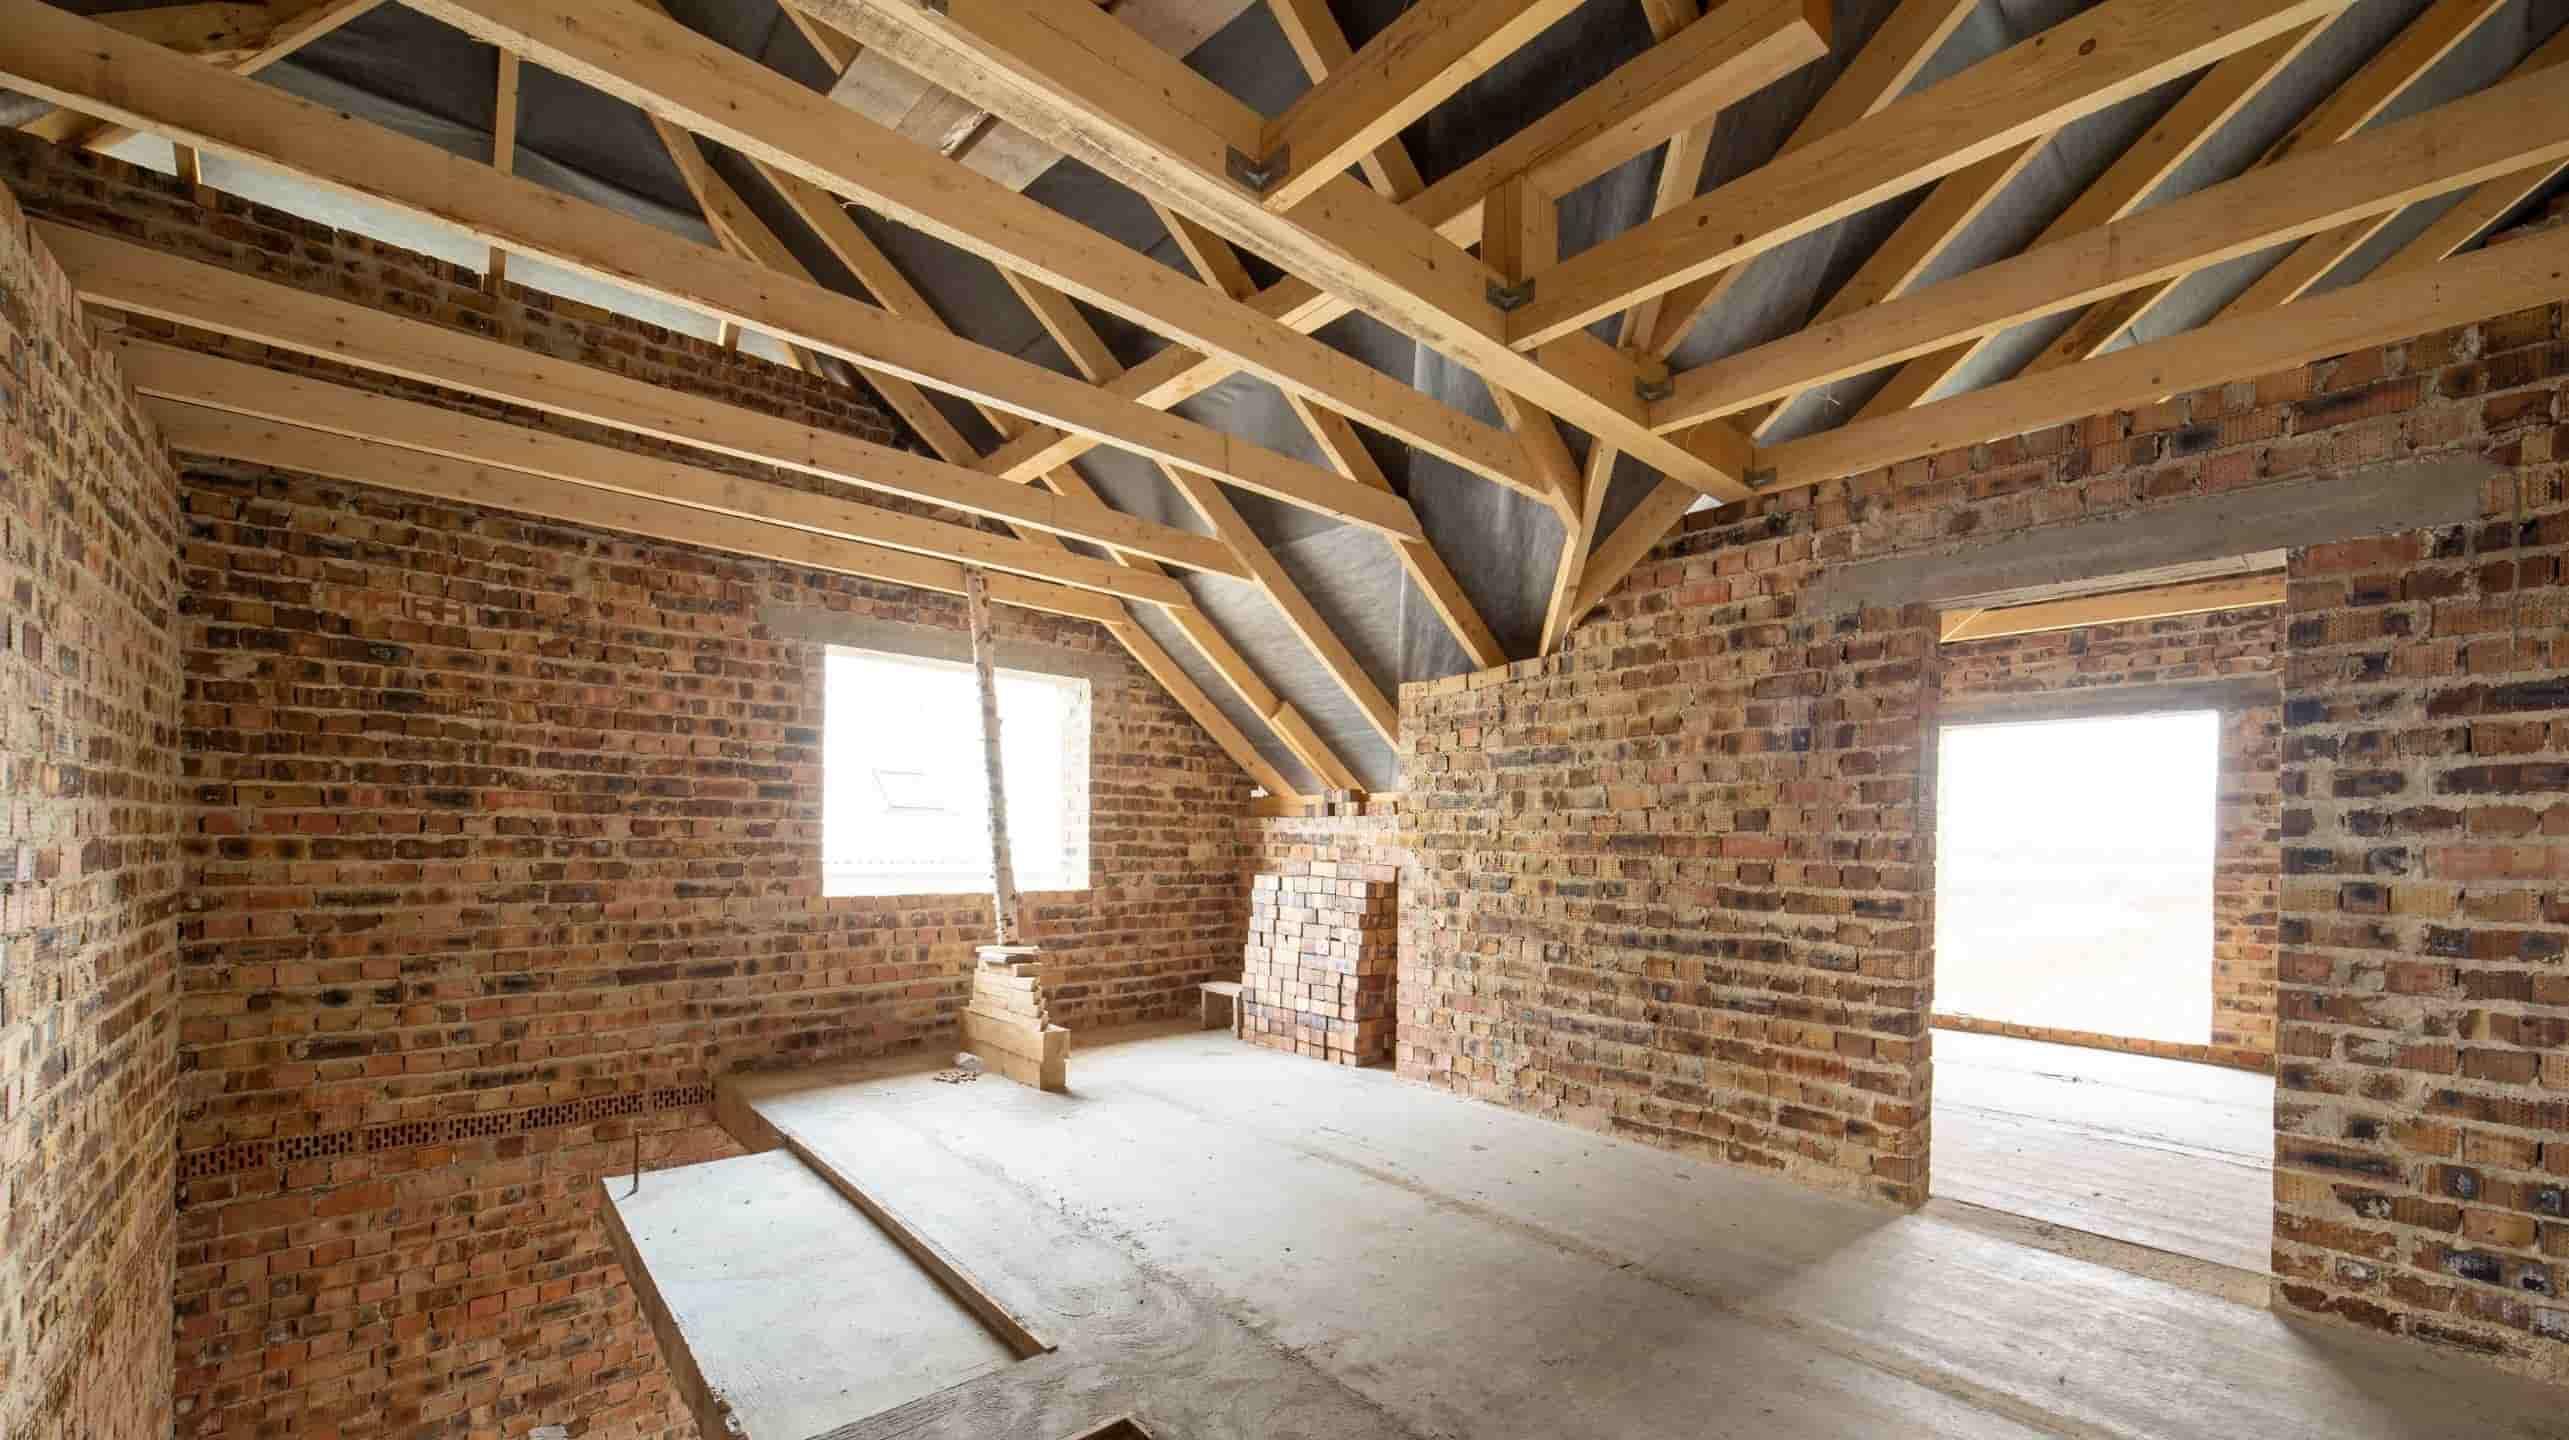 domy jednorodzinne z cegły